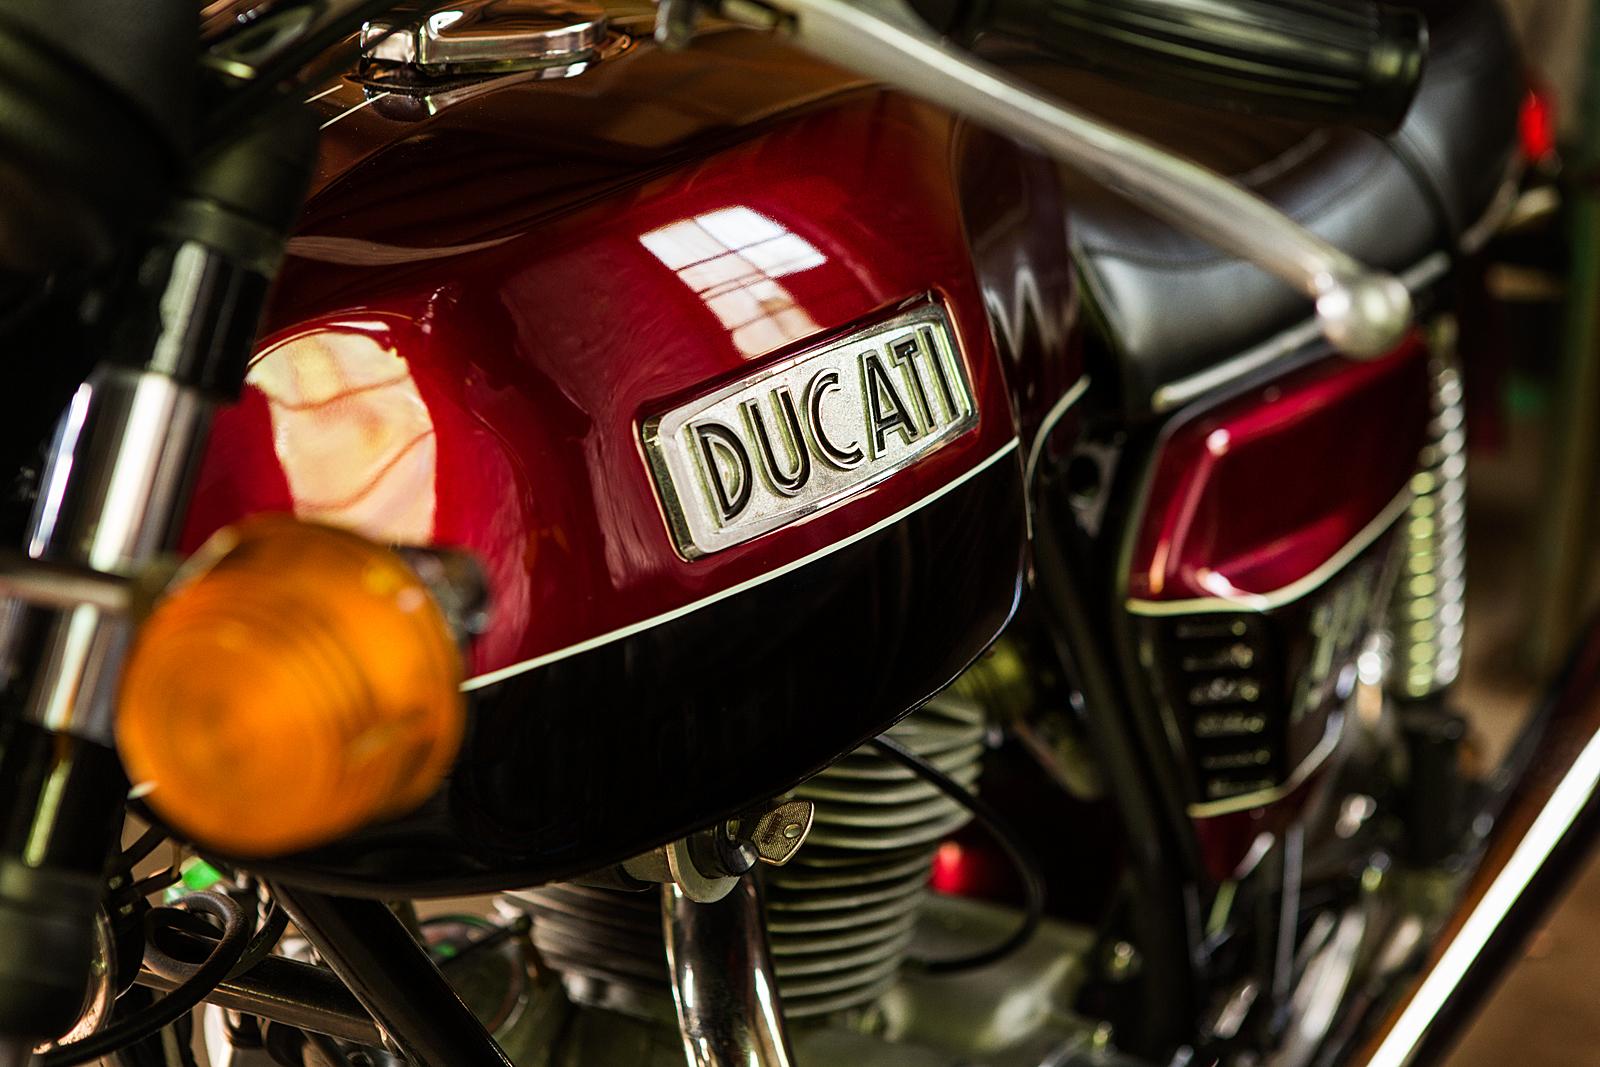 1974 Ducati 750 GT tank